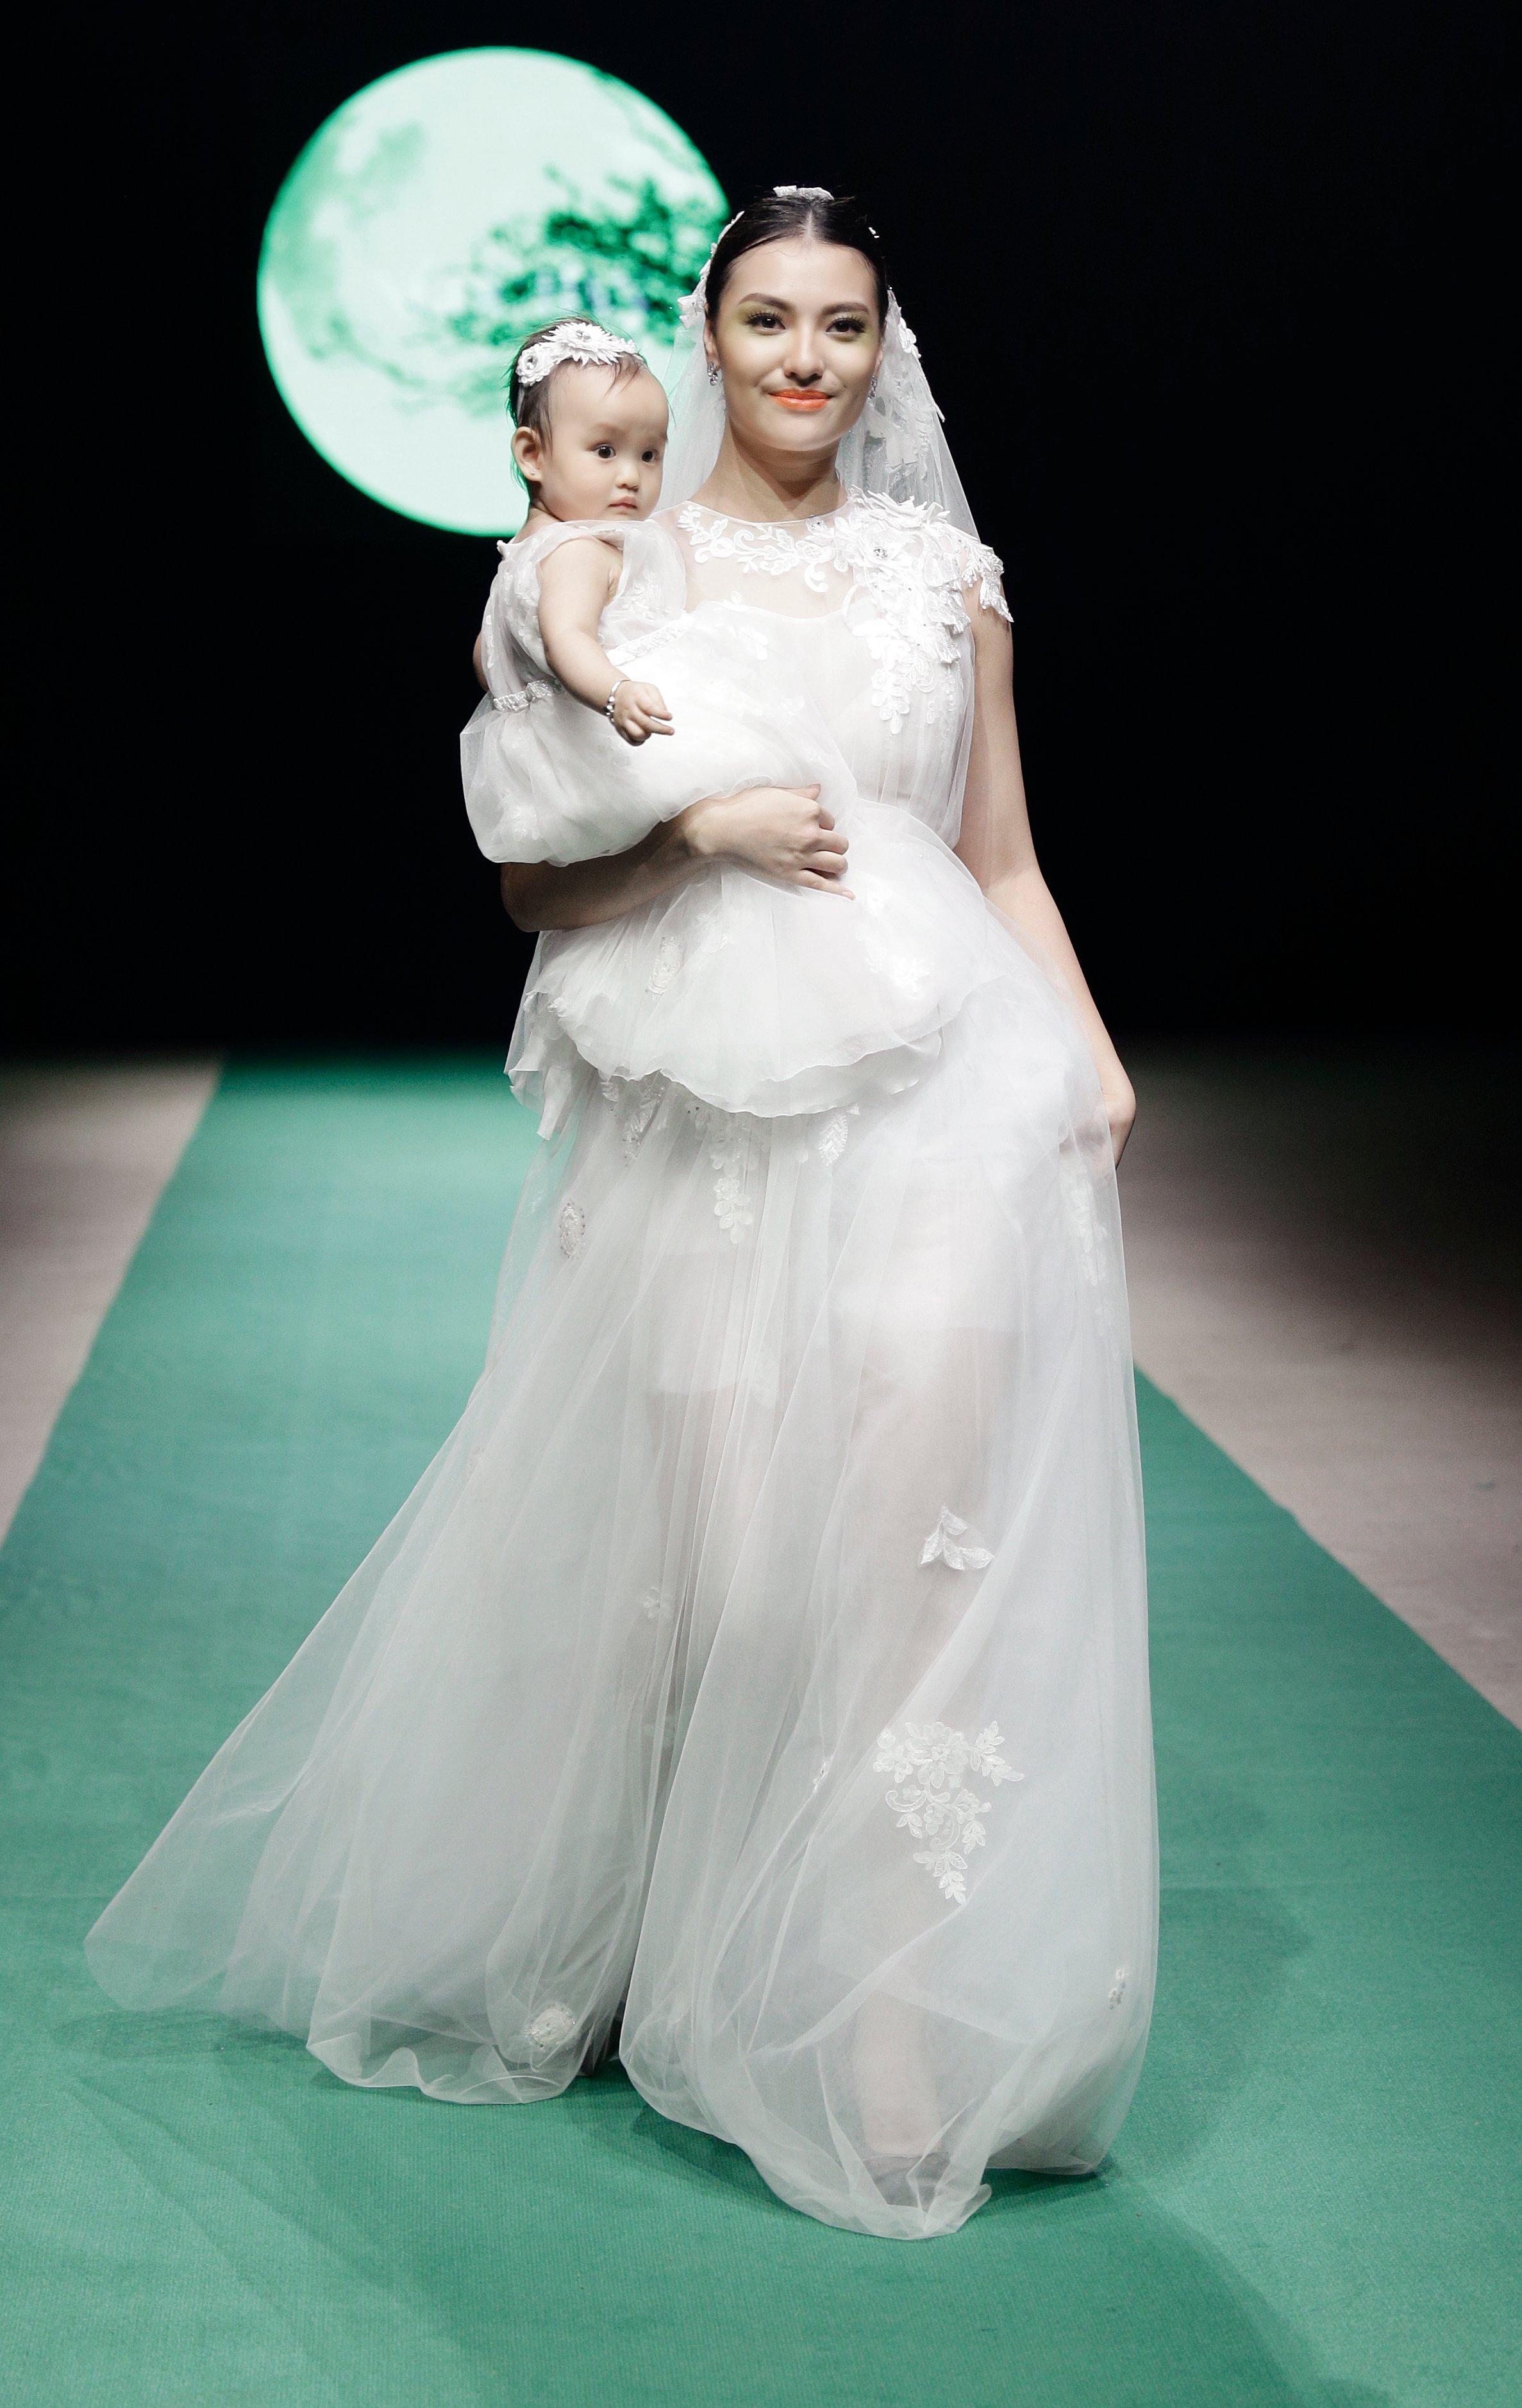 Hình ảnh Mẹ con Hồng Quế làm vedette trong đêm mở màn Tuần lễ thời trang Việt Nam 2018 số 1